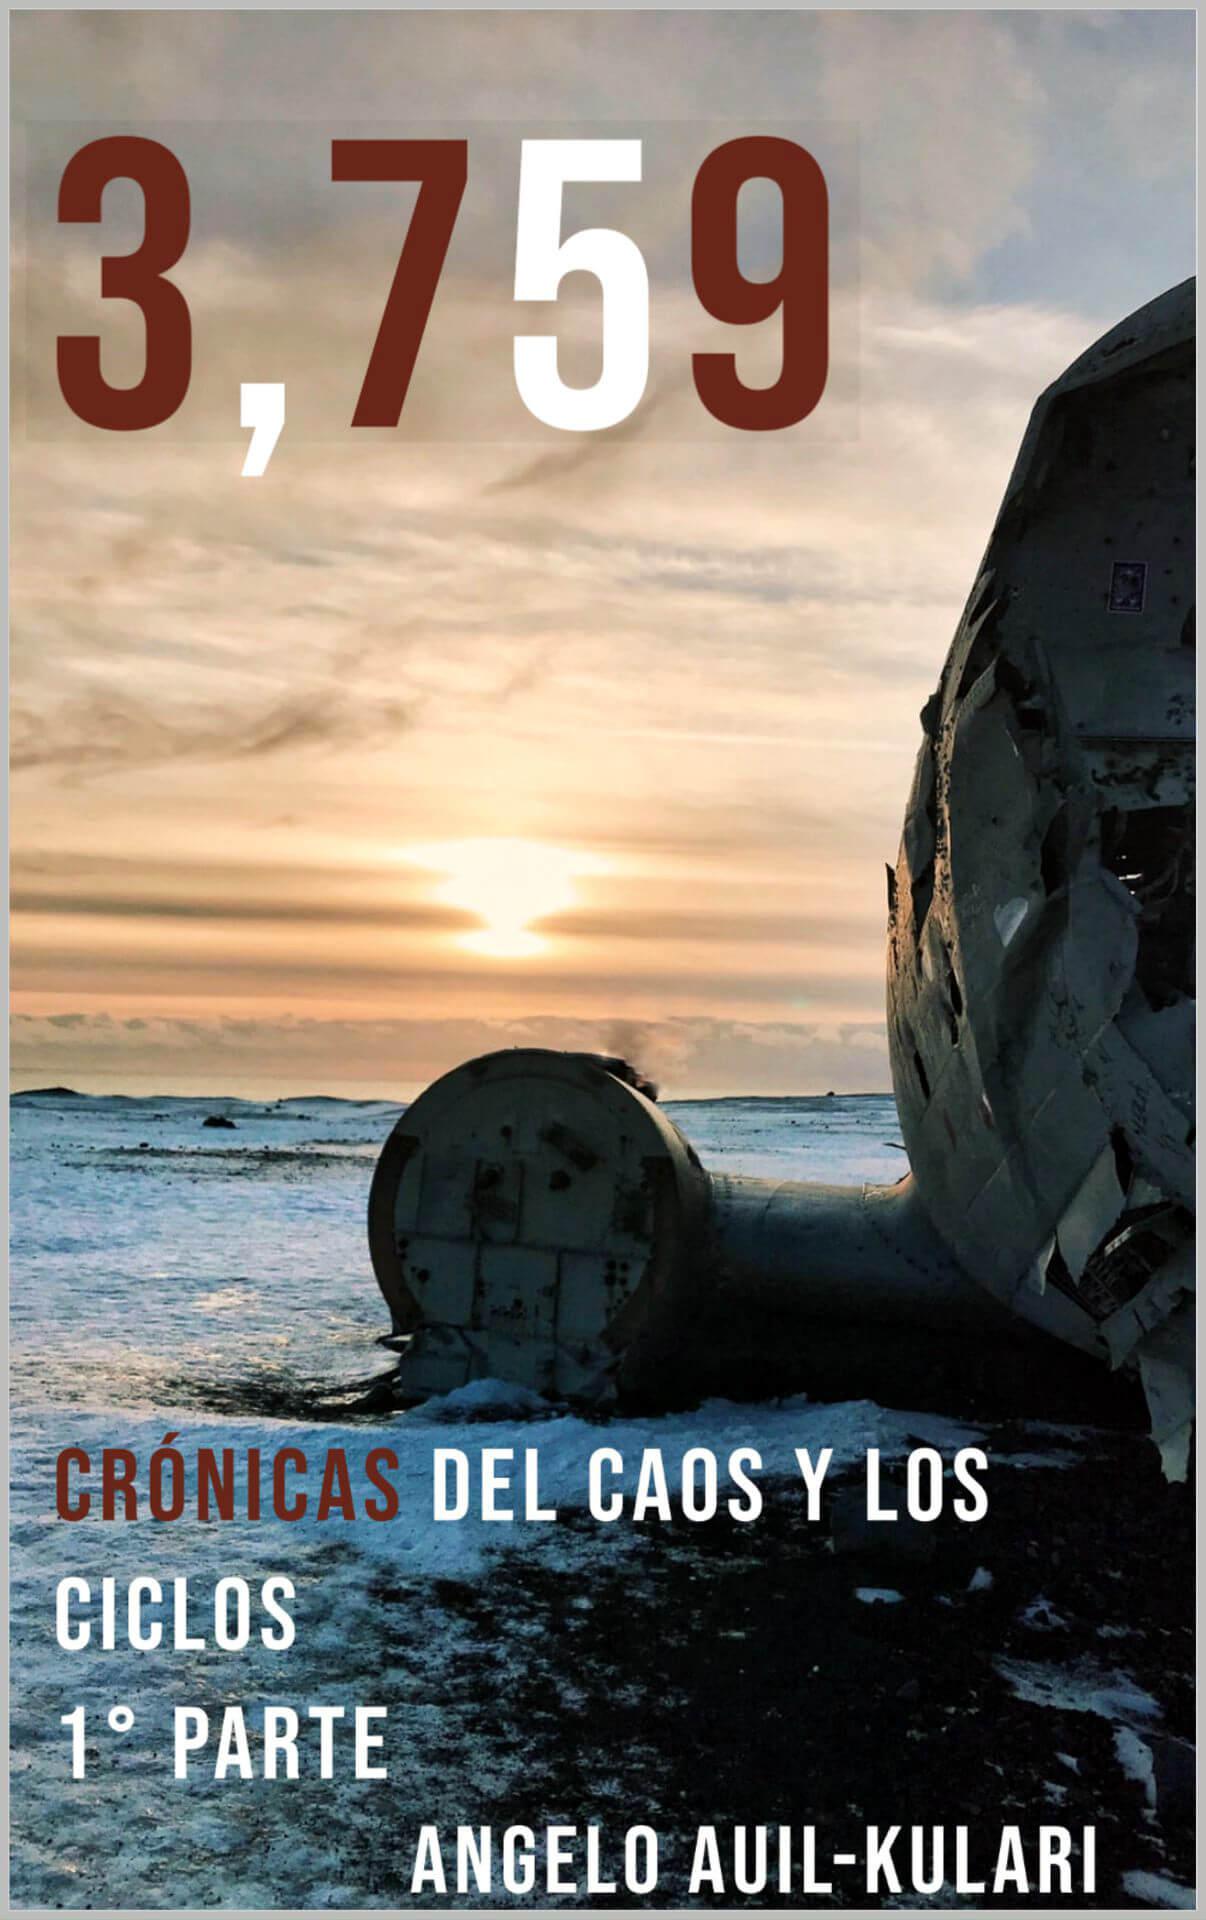 3,759: Crónicas del Caos y los Ciclos